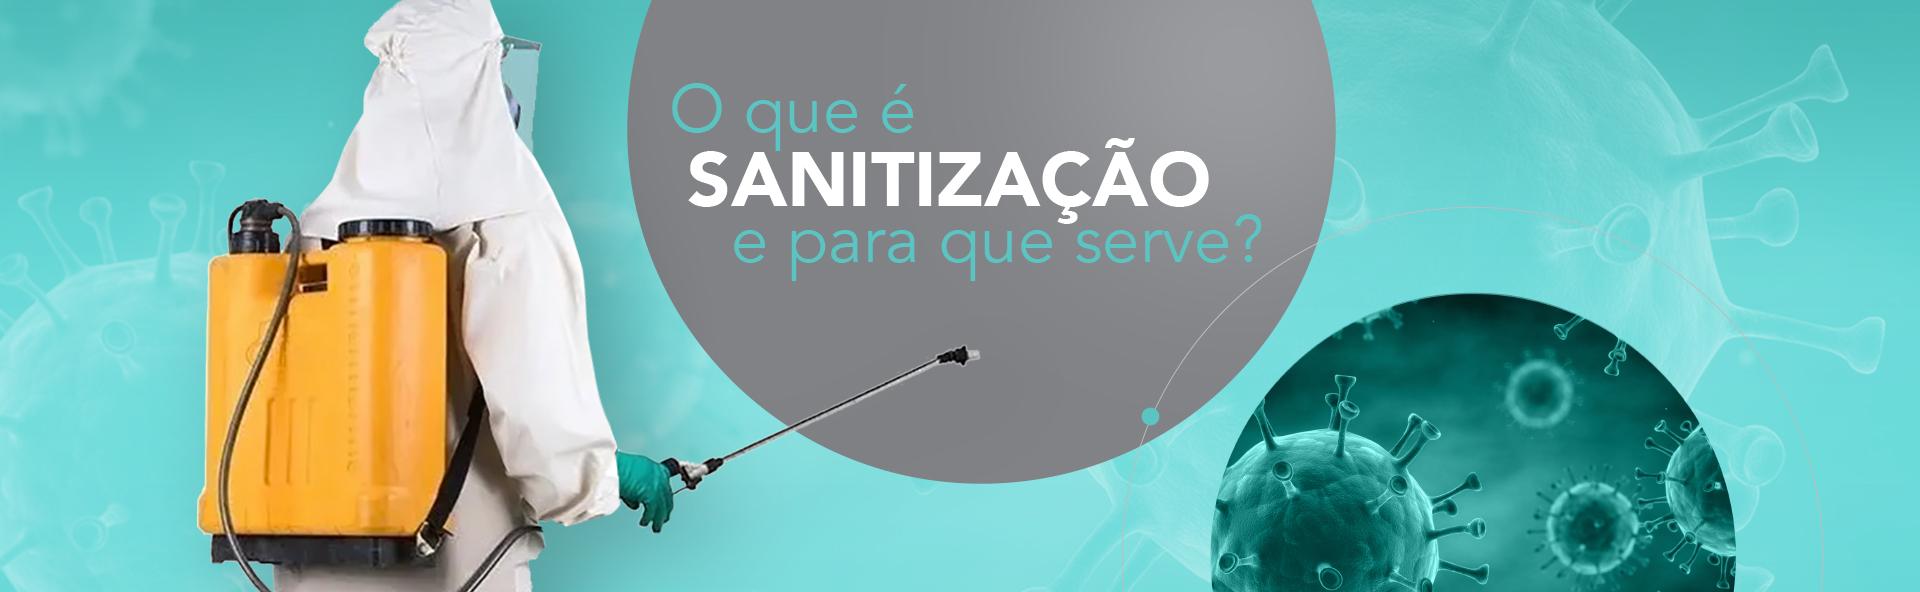 banner_sanitização